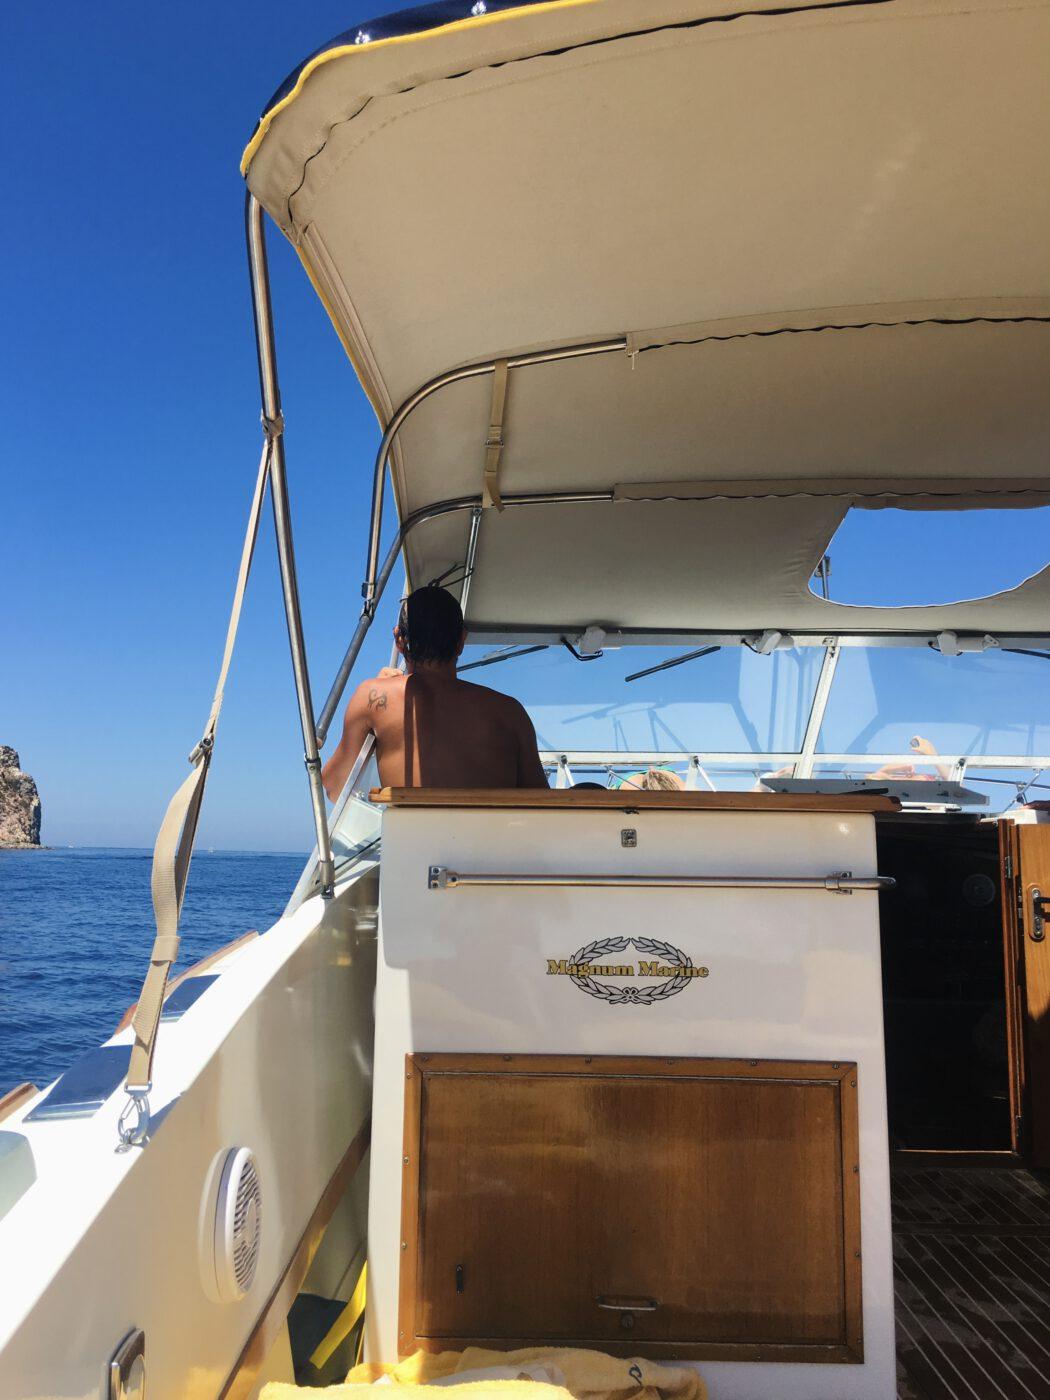 Magnum Boat